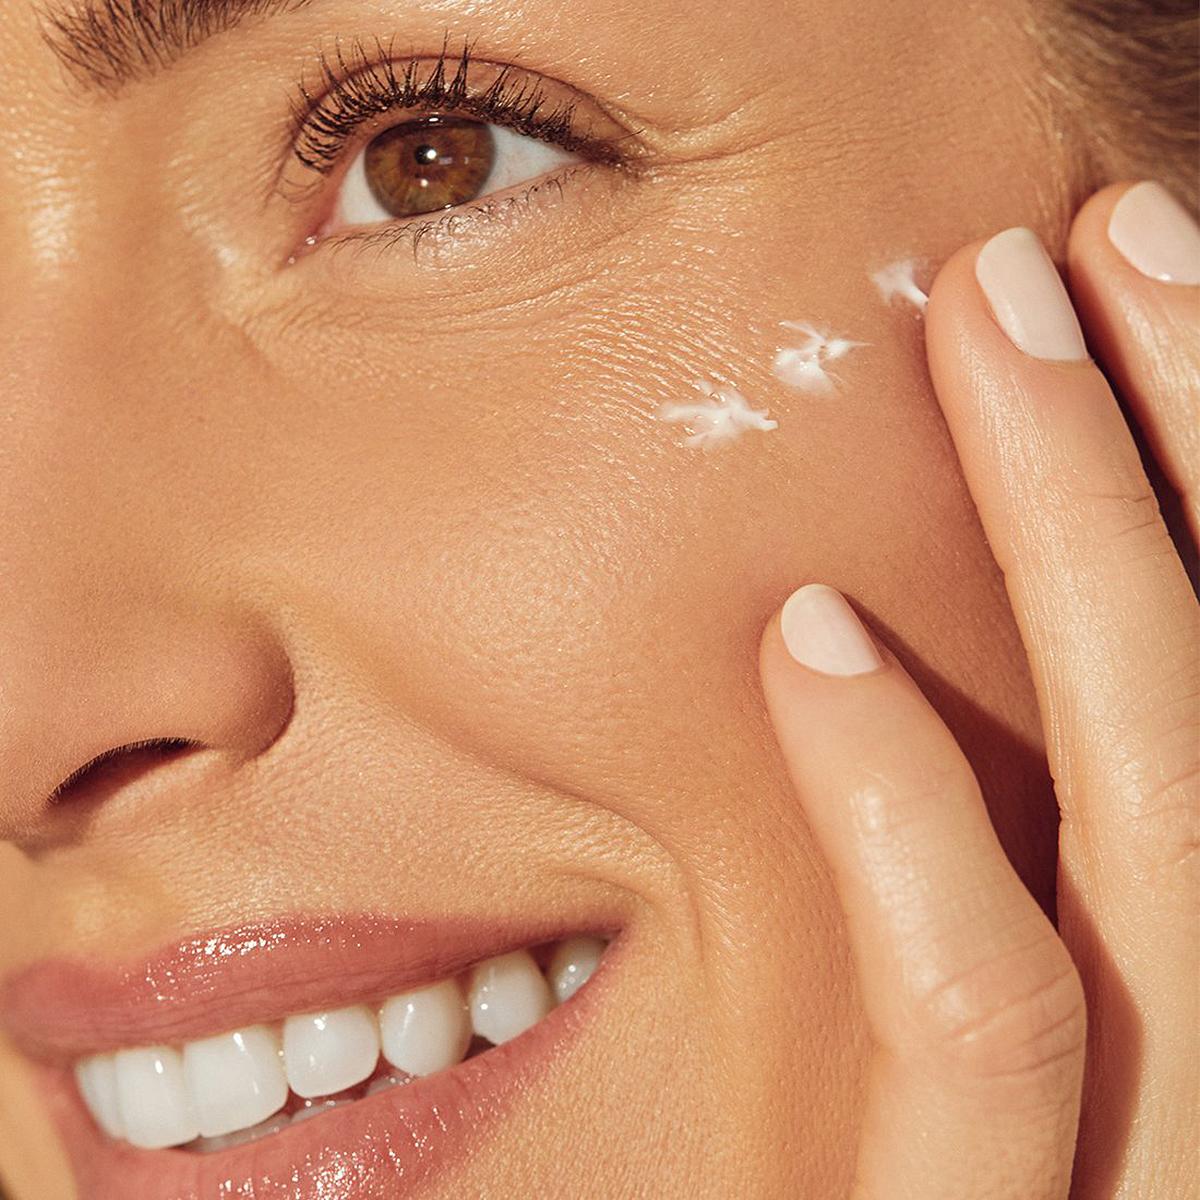 kristin-cavallari-uncommon-beauty-eye-cream